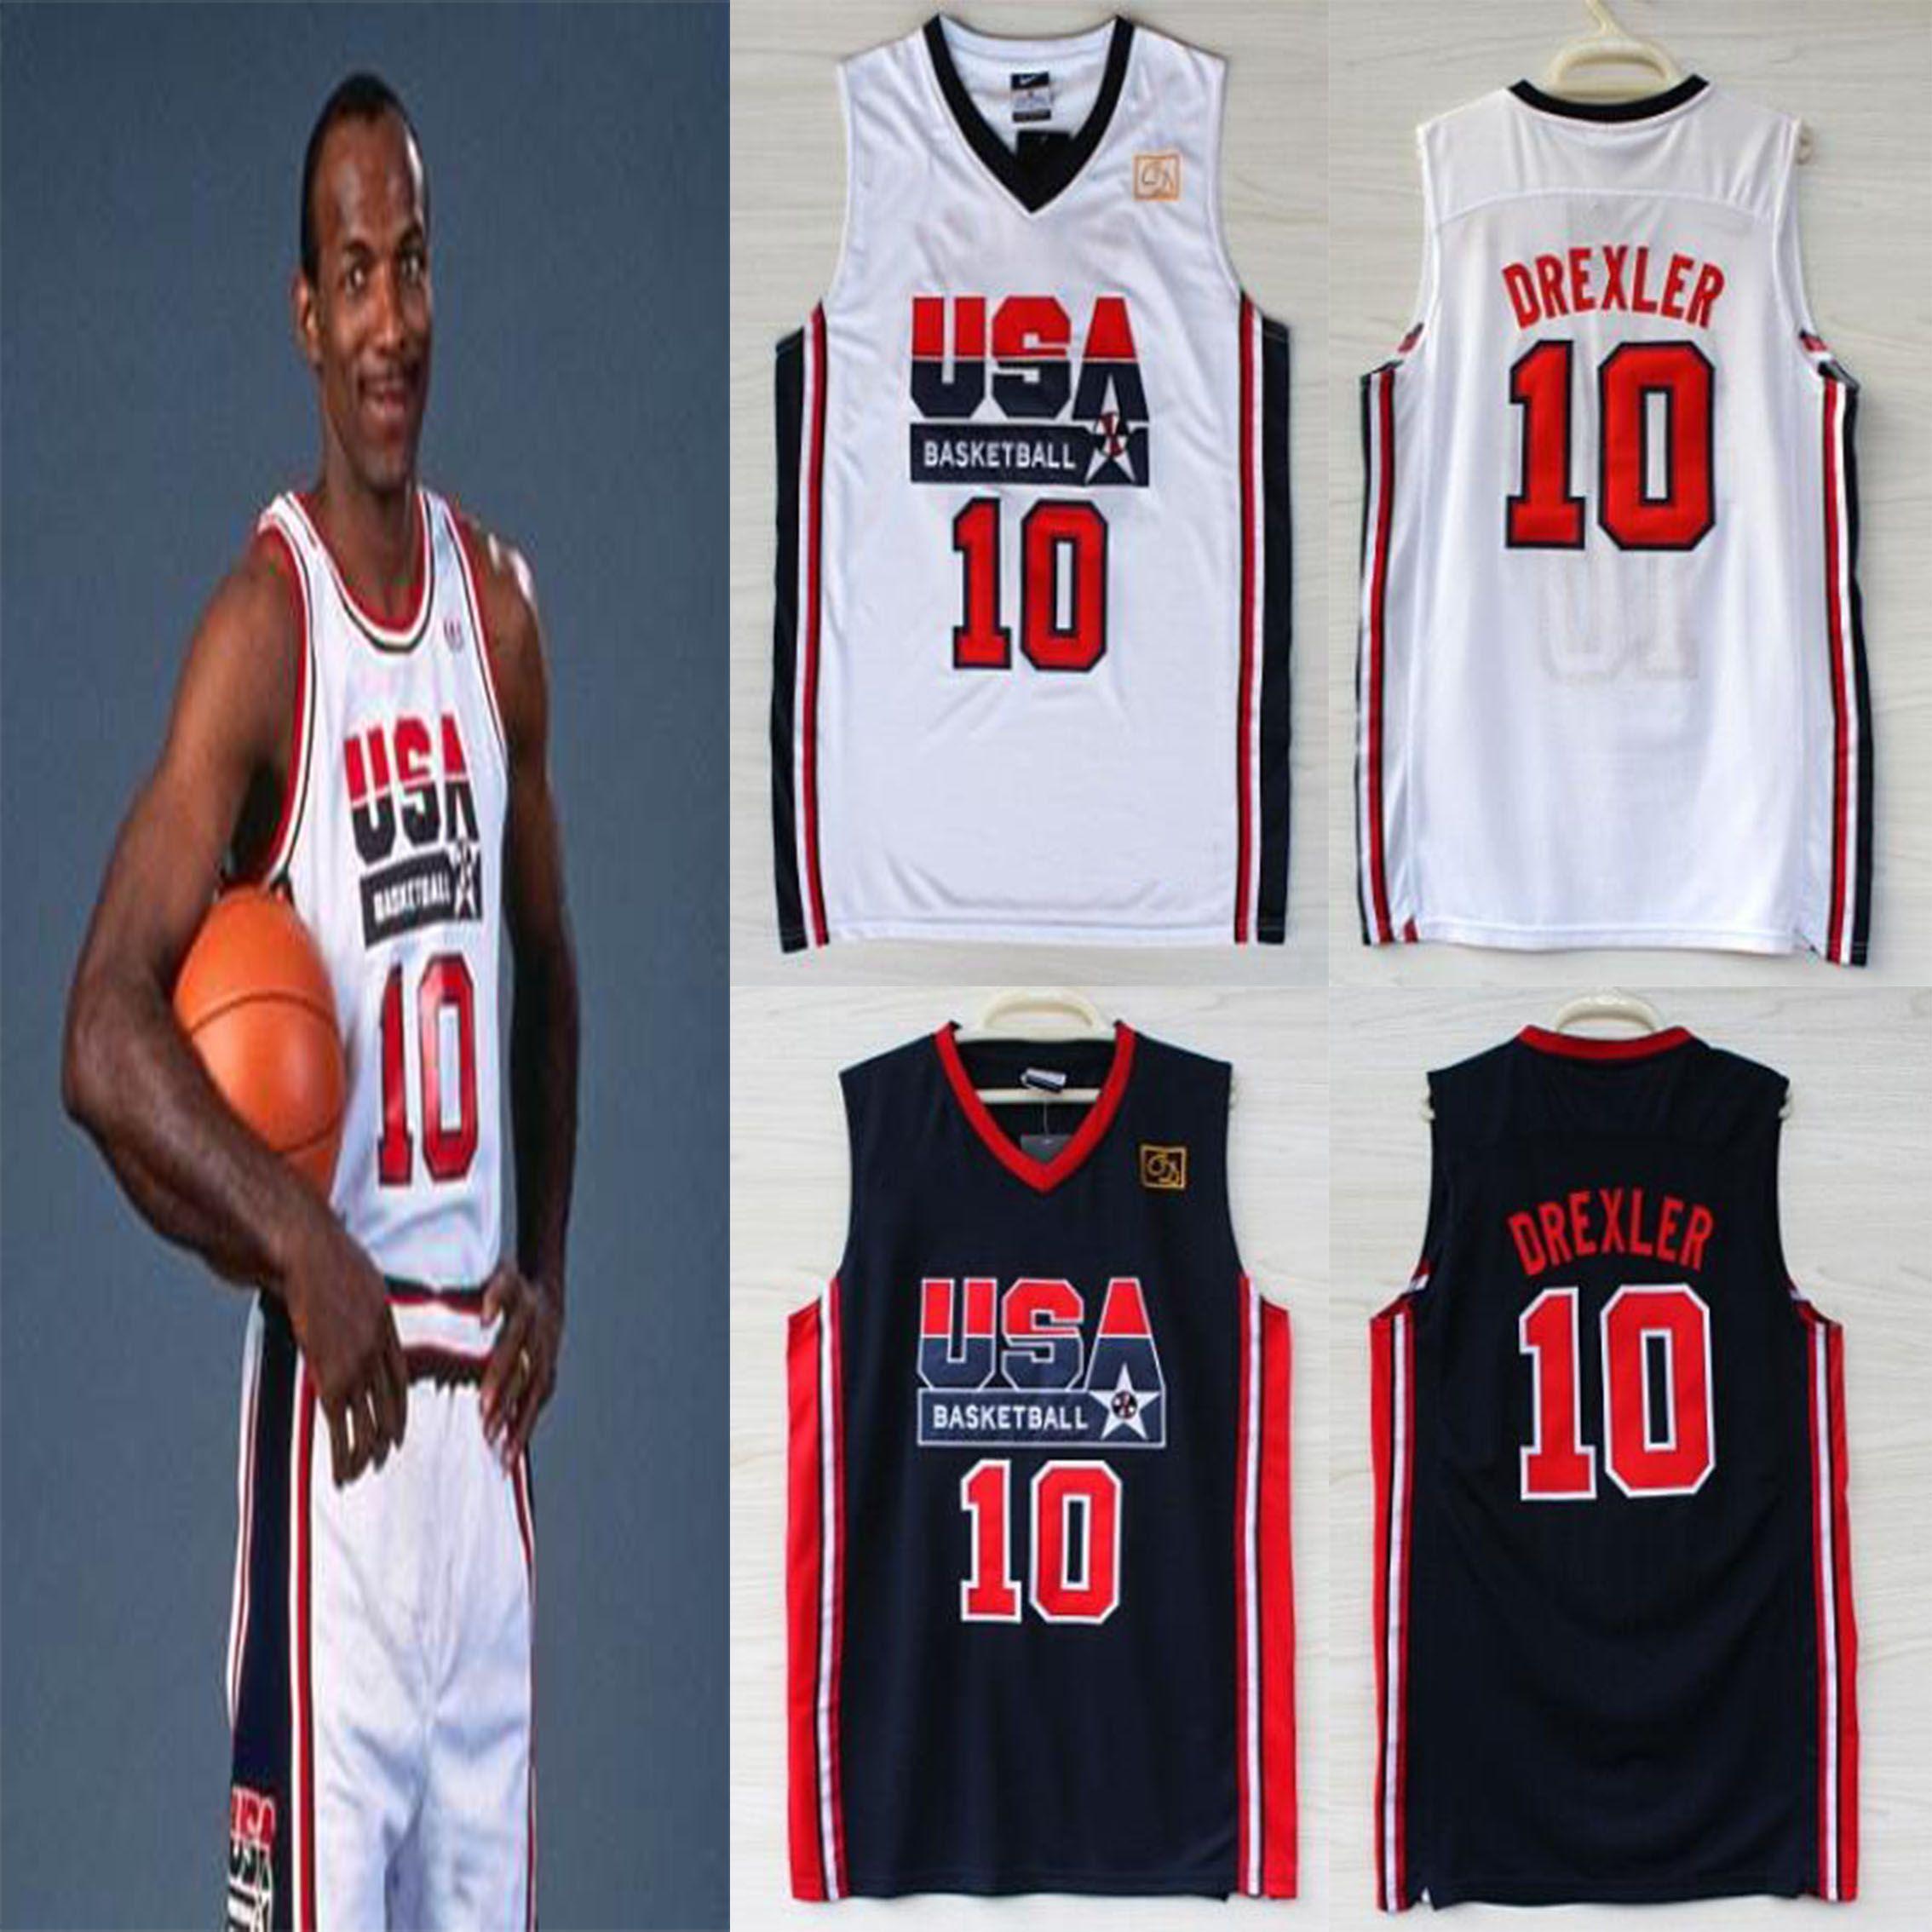 1992 EE.UU. equipo de Estados Unidos Juegos Olímpicos Sueño #Clyde Drexler 10 jerseys del baloncesto camiseta de baloncesto de tamaño S-XXL de la caída